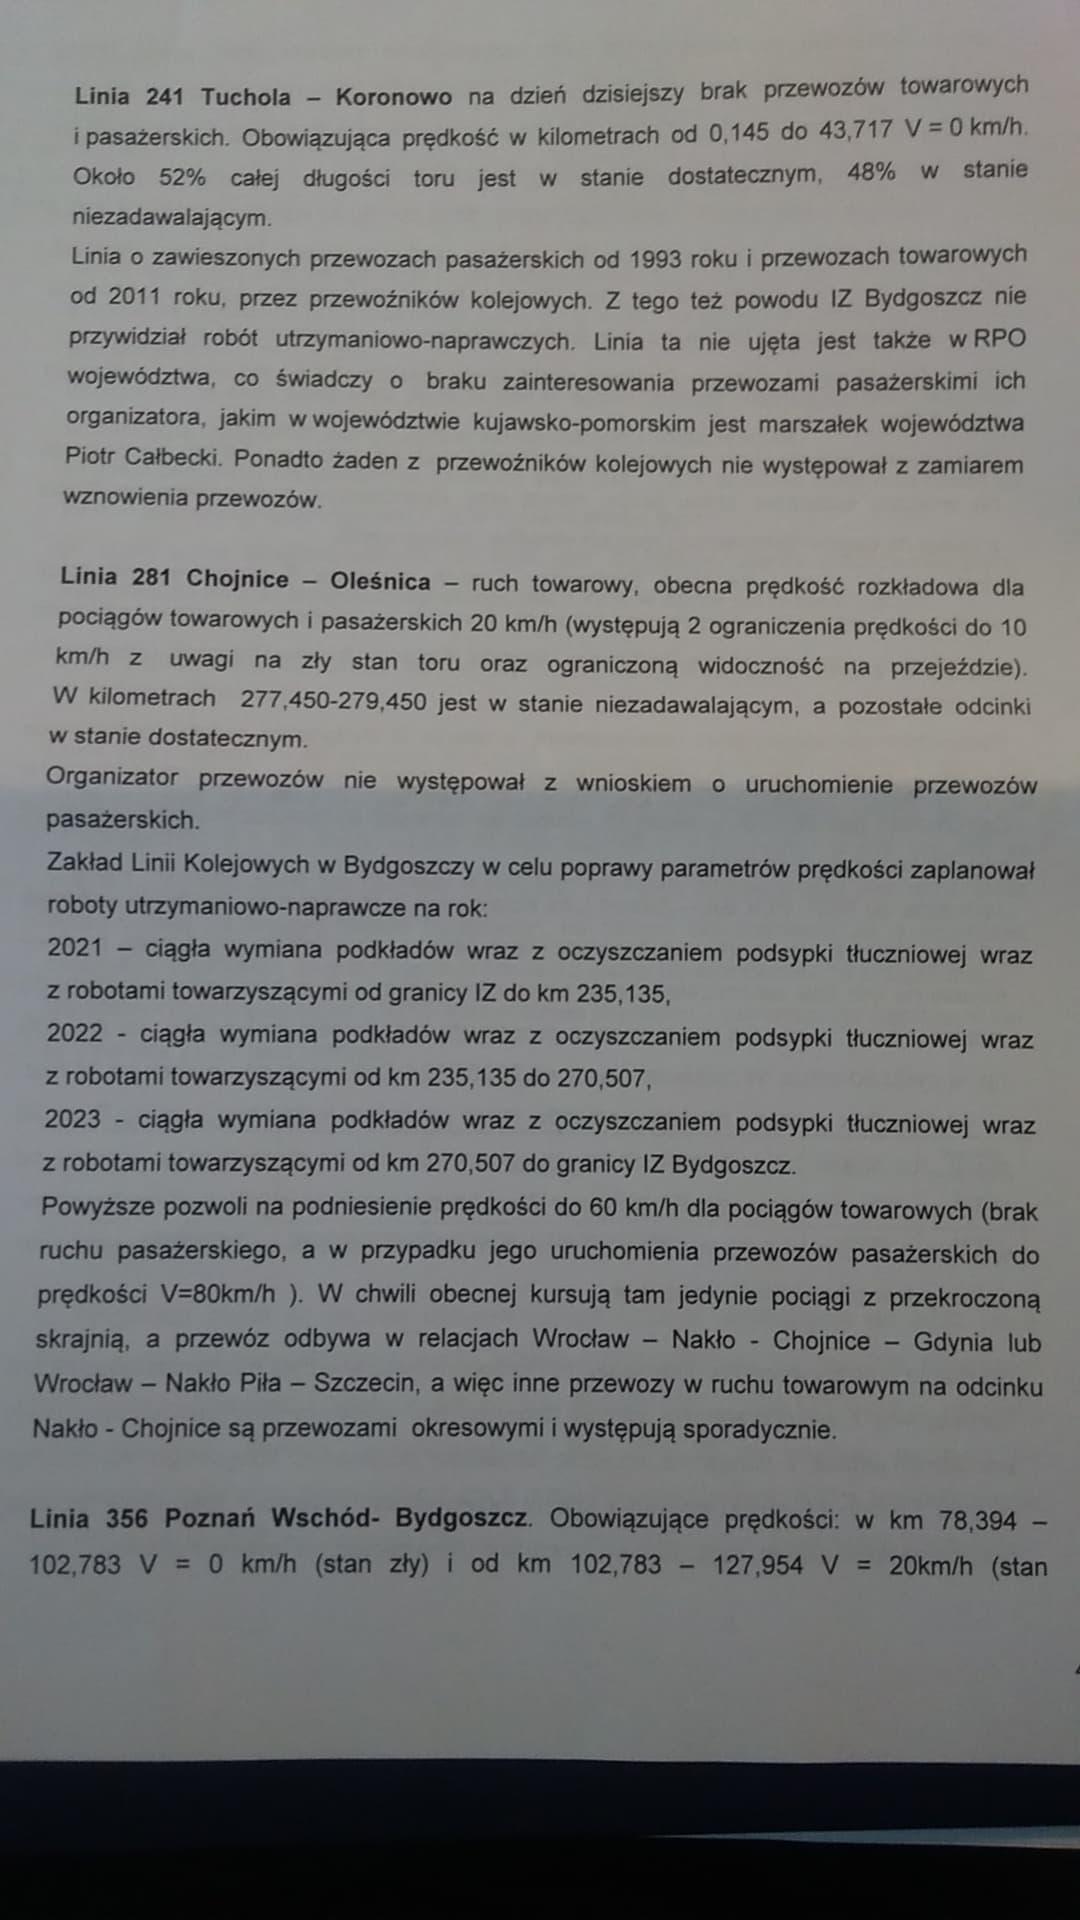 W 2021 roku rusza wywalczony przeze mnie wPKP PLK SA iRządzie RP kompleksowy remont linii kolejowej nr281 relacji Gniezno - Nakło n/Not - Więcbork - Chojnice - pozdrawiam Tomasz Roman Bracka 🇵🇱